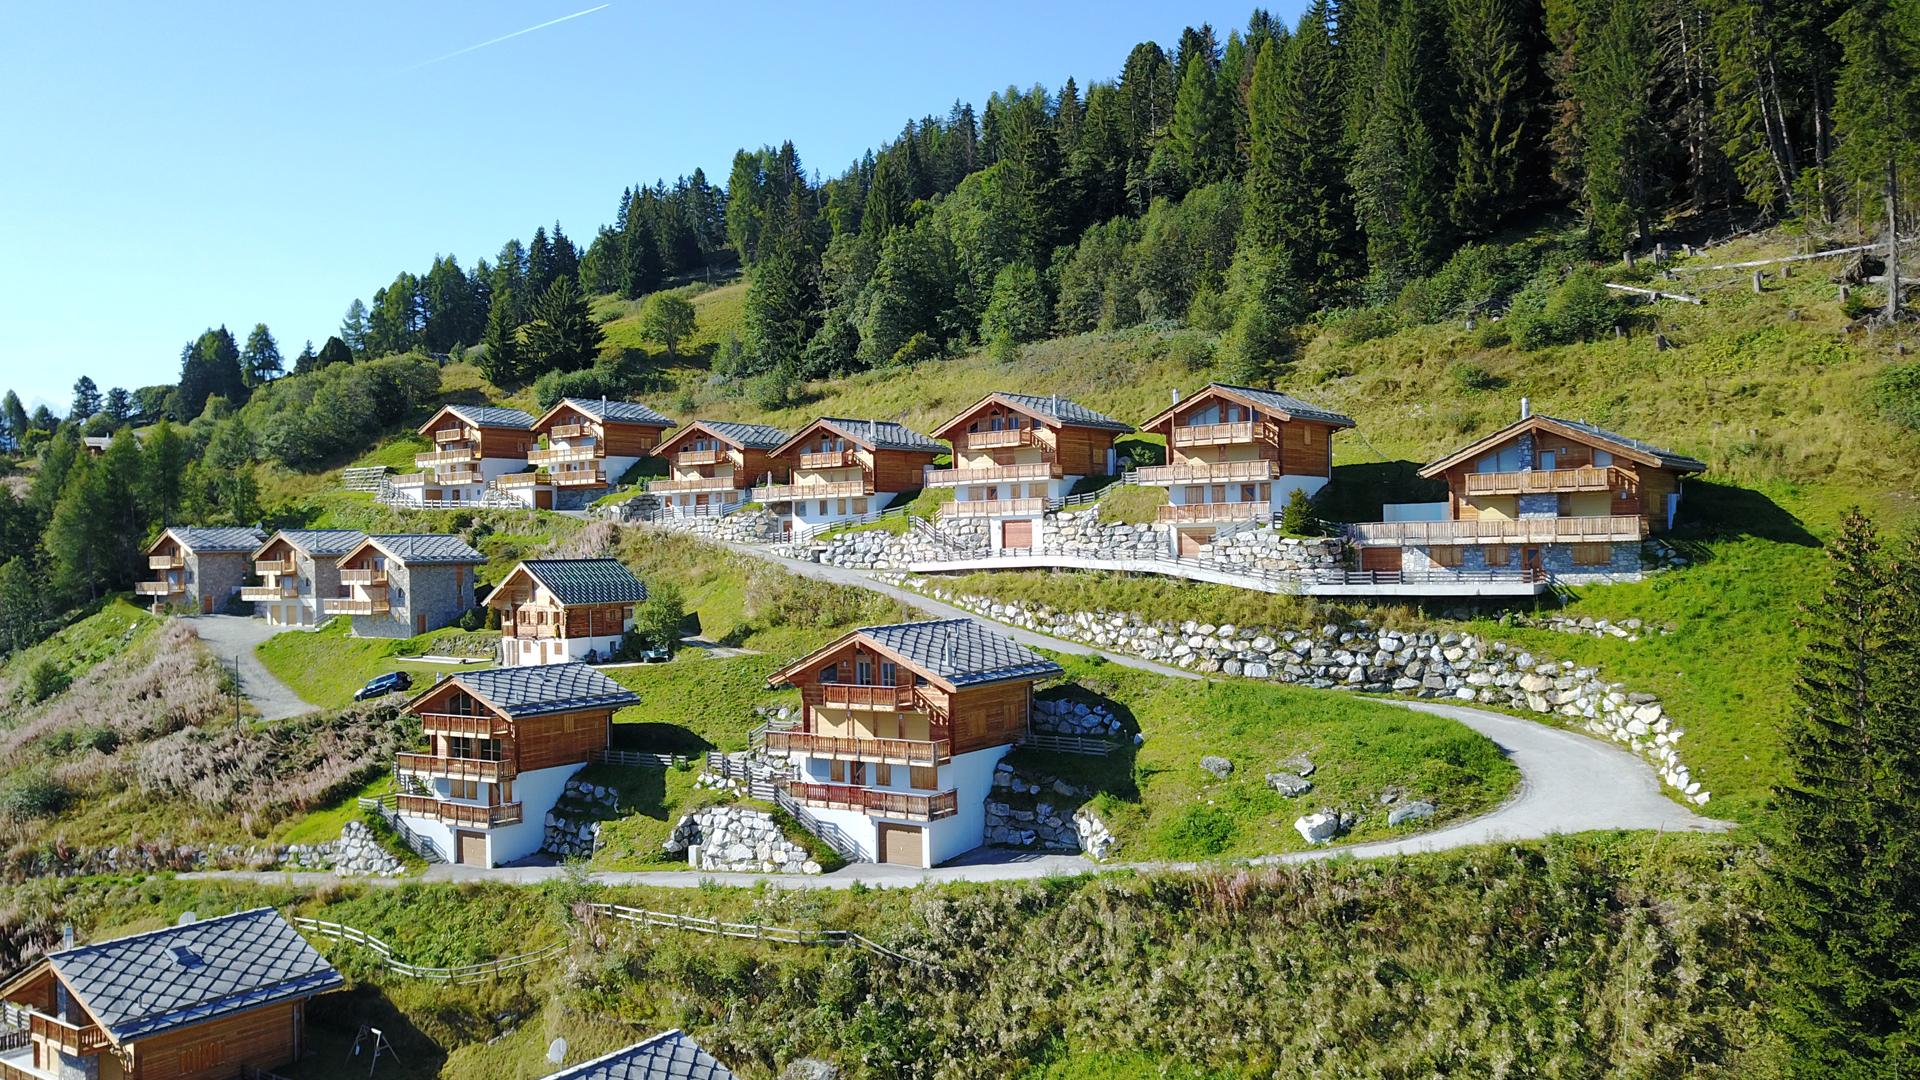 Le Chalet du Rhone Chalet, Switzerland